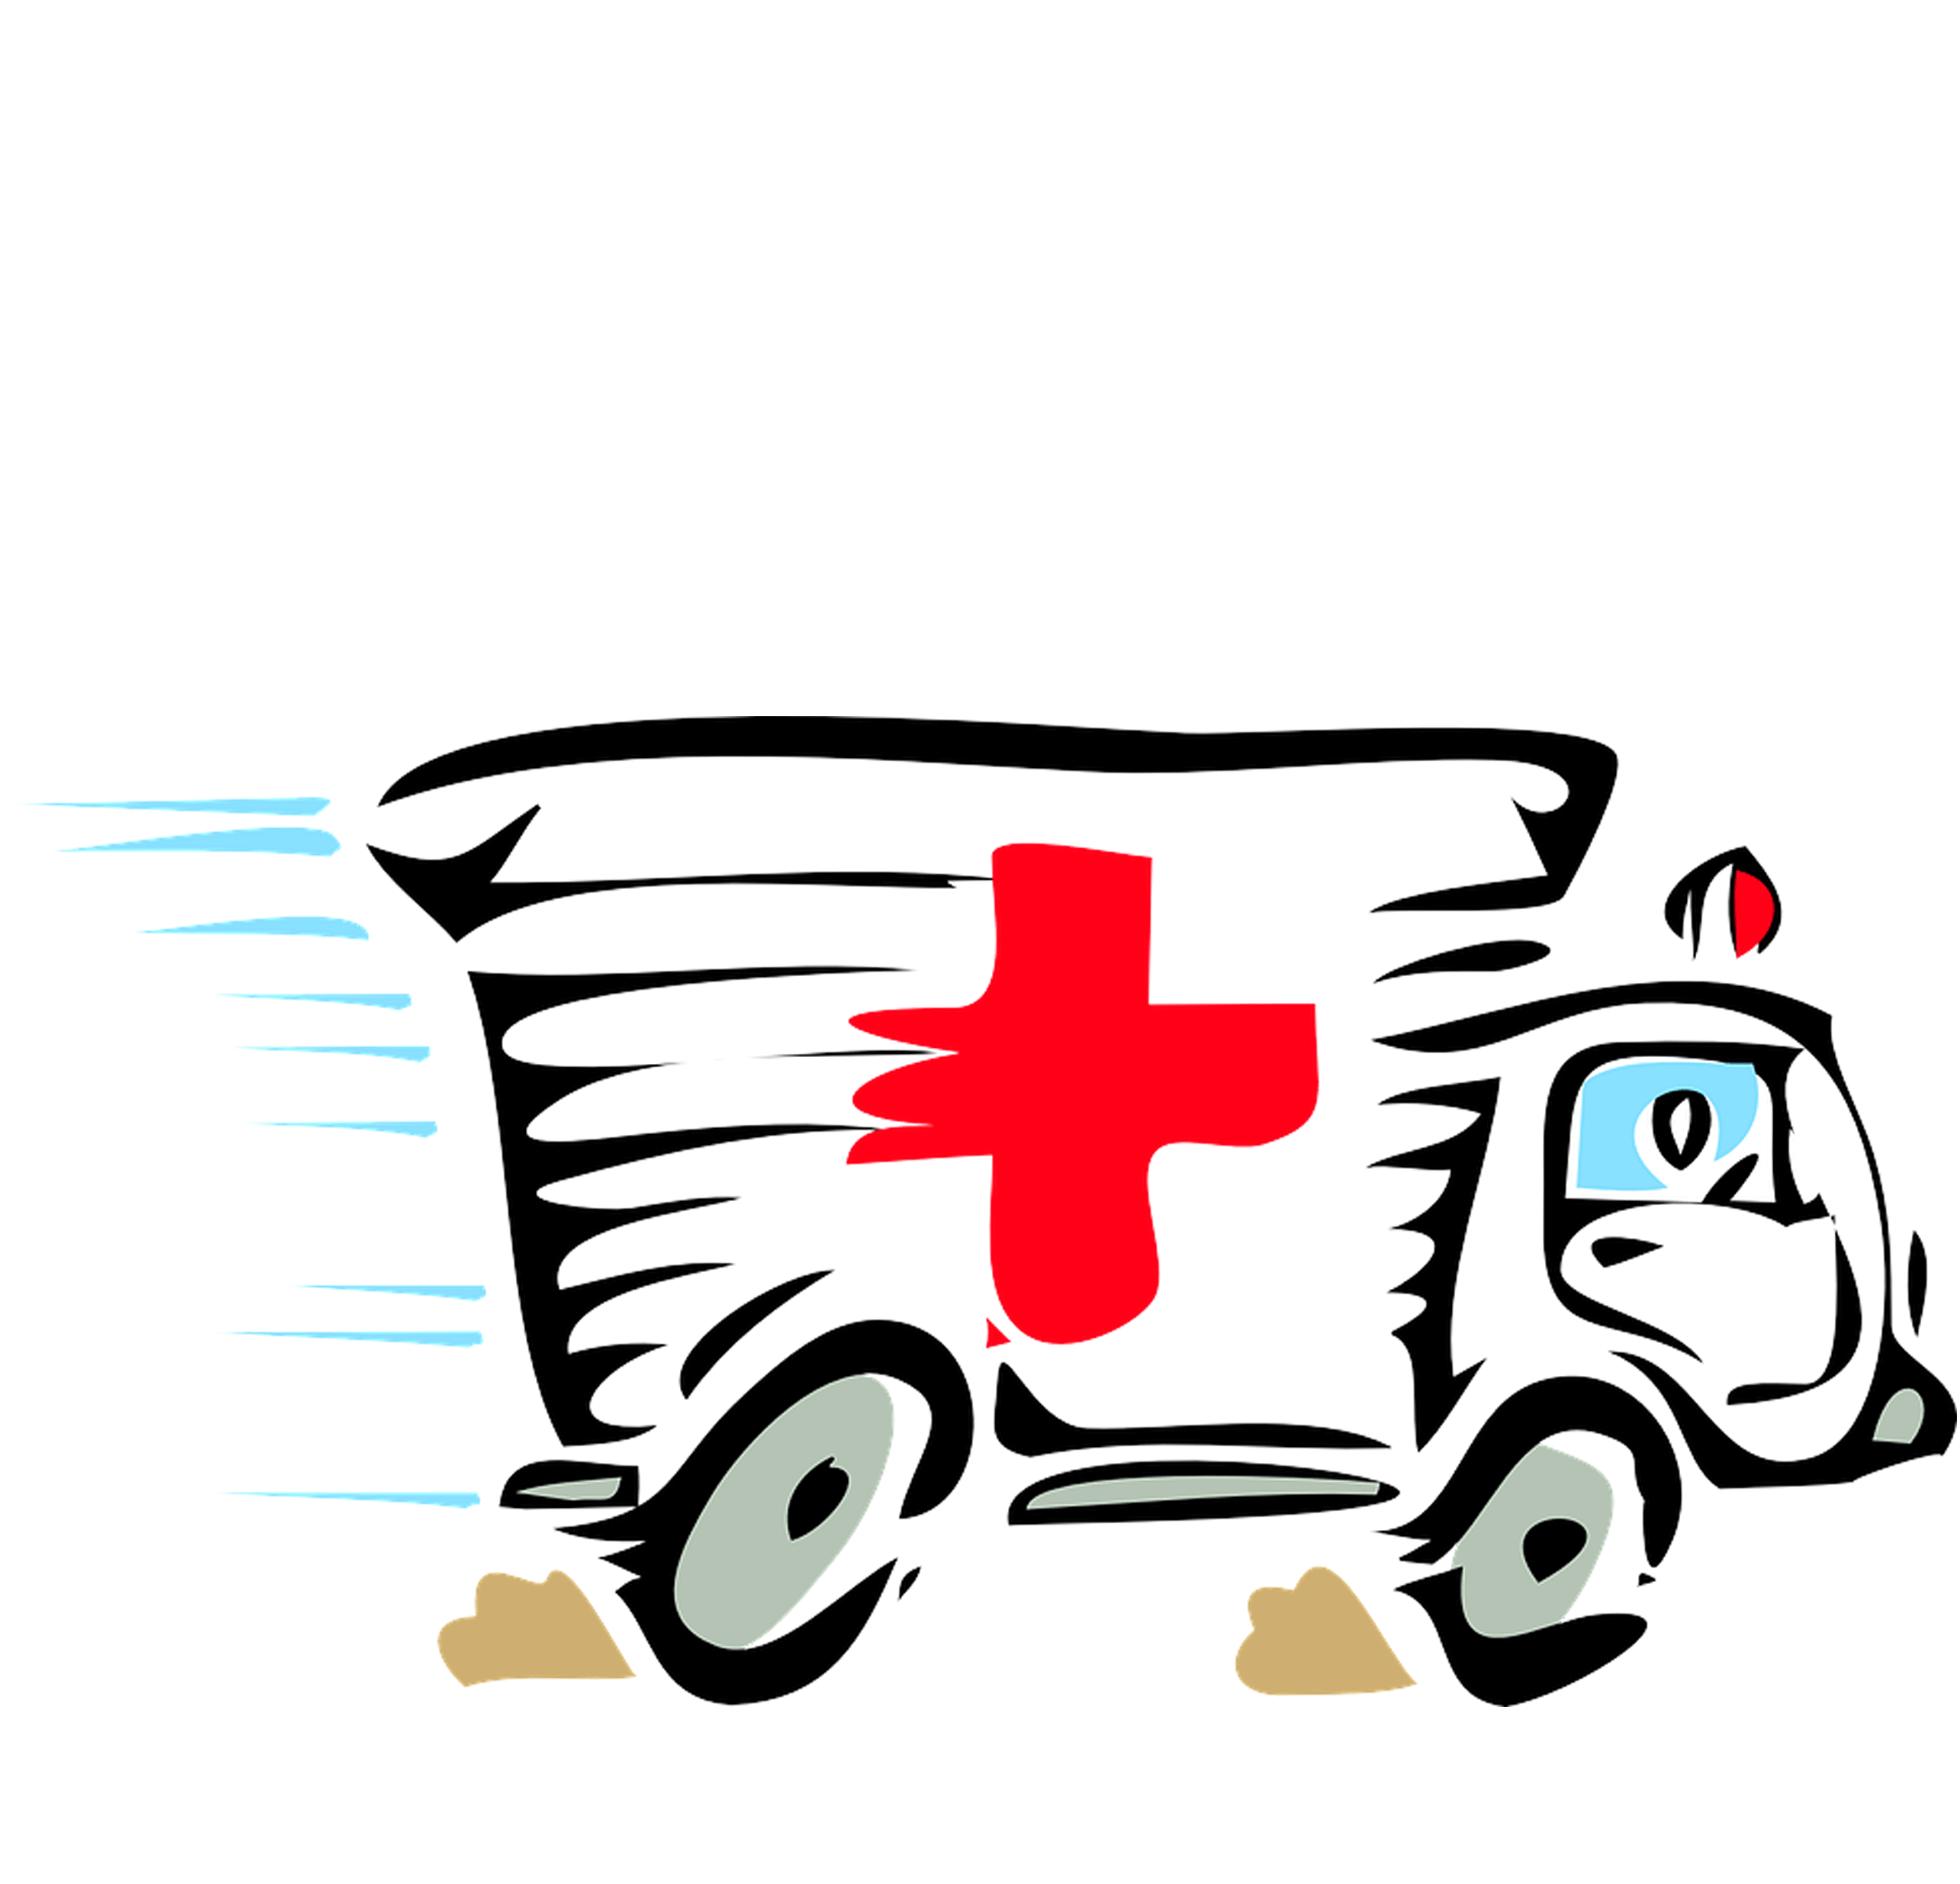 Strumenti in dono alla croce rossa